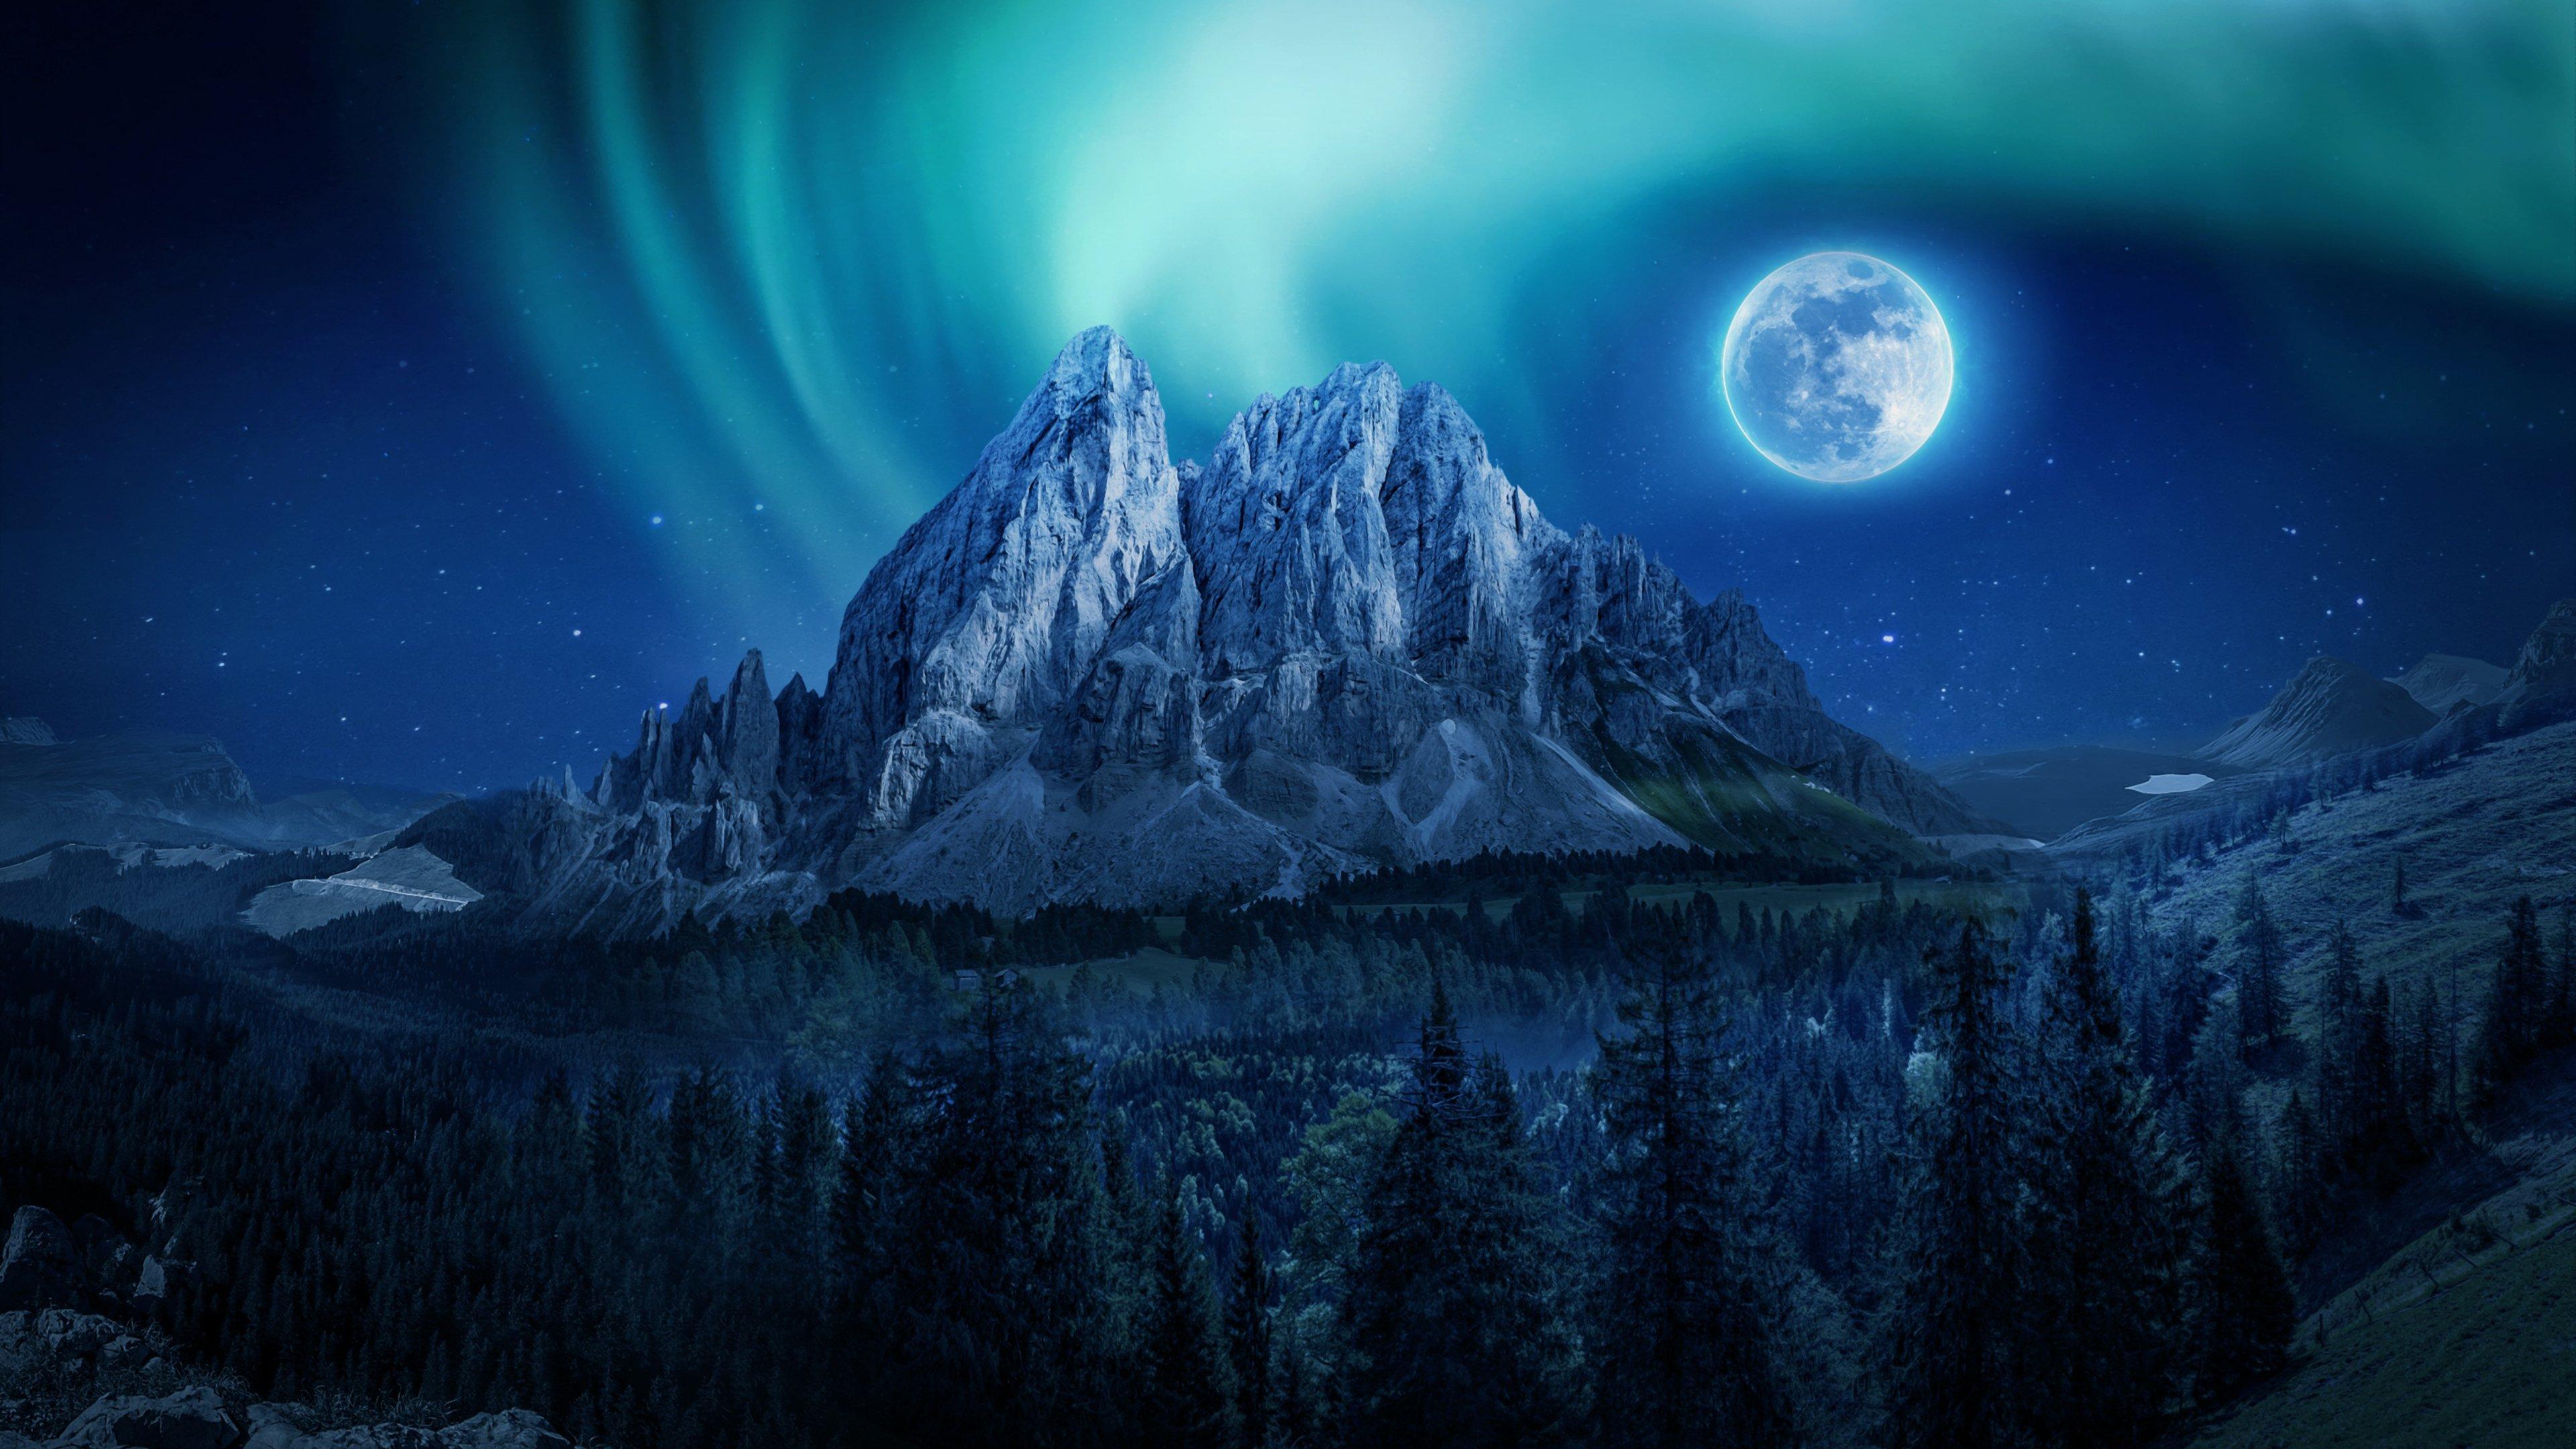 Fondos de pantalla La luna en bosque en las montañas